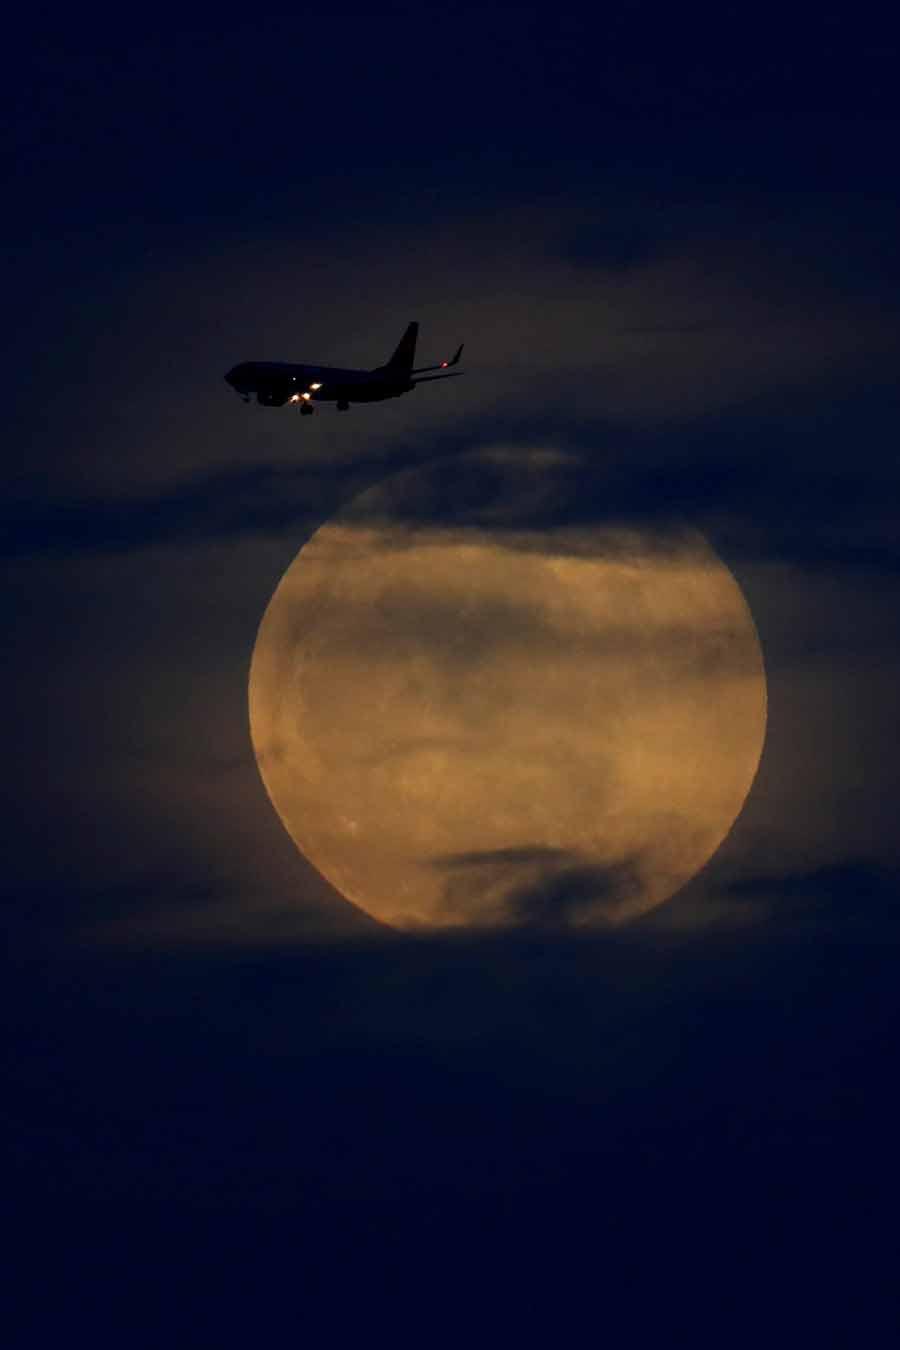 یک فروند هواپیمای تجاری در حال پرواز قبل از شروع کسوف کامل ماه در کالیفرنیا